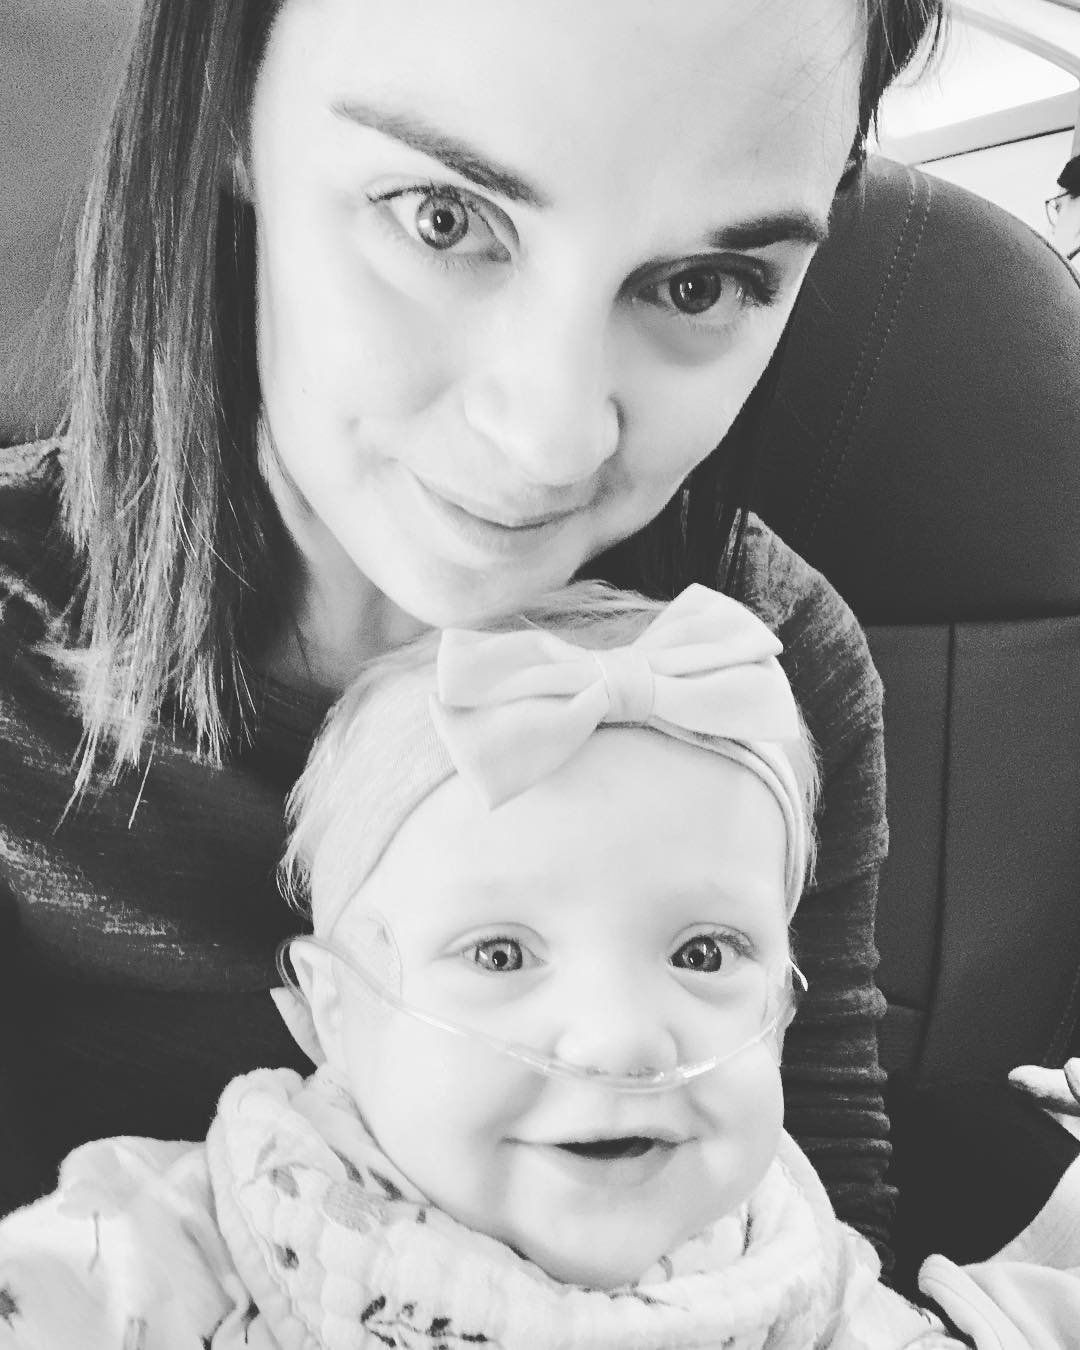 Baby schreit minutenlang im Flugzeug: Als Fremder eingreift, muss Mutter